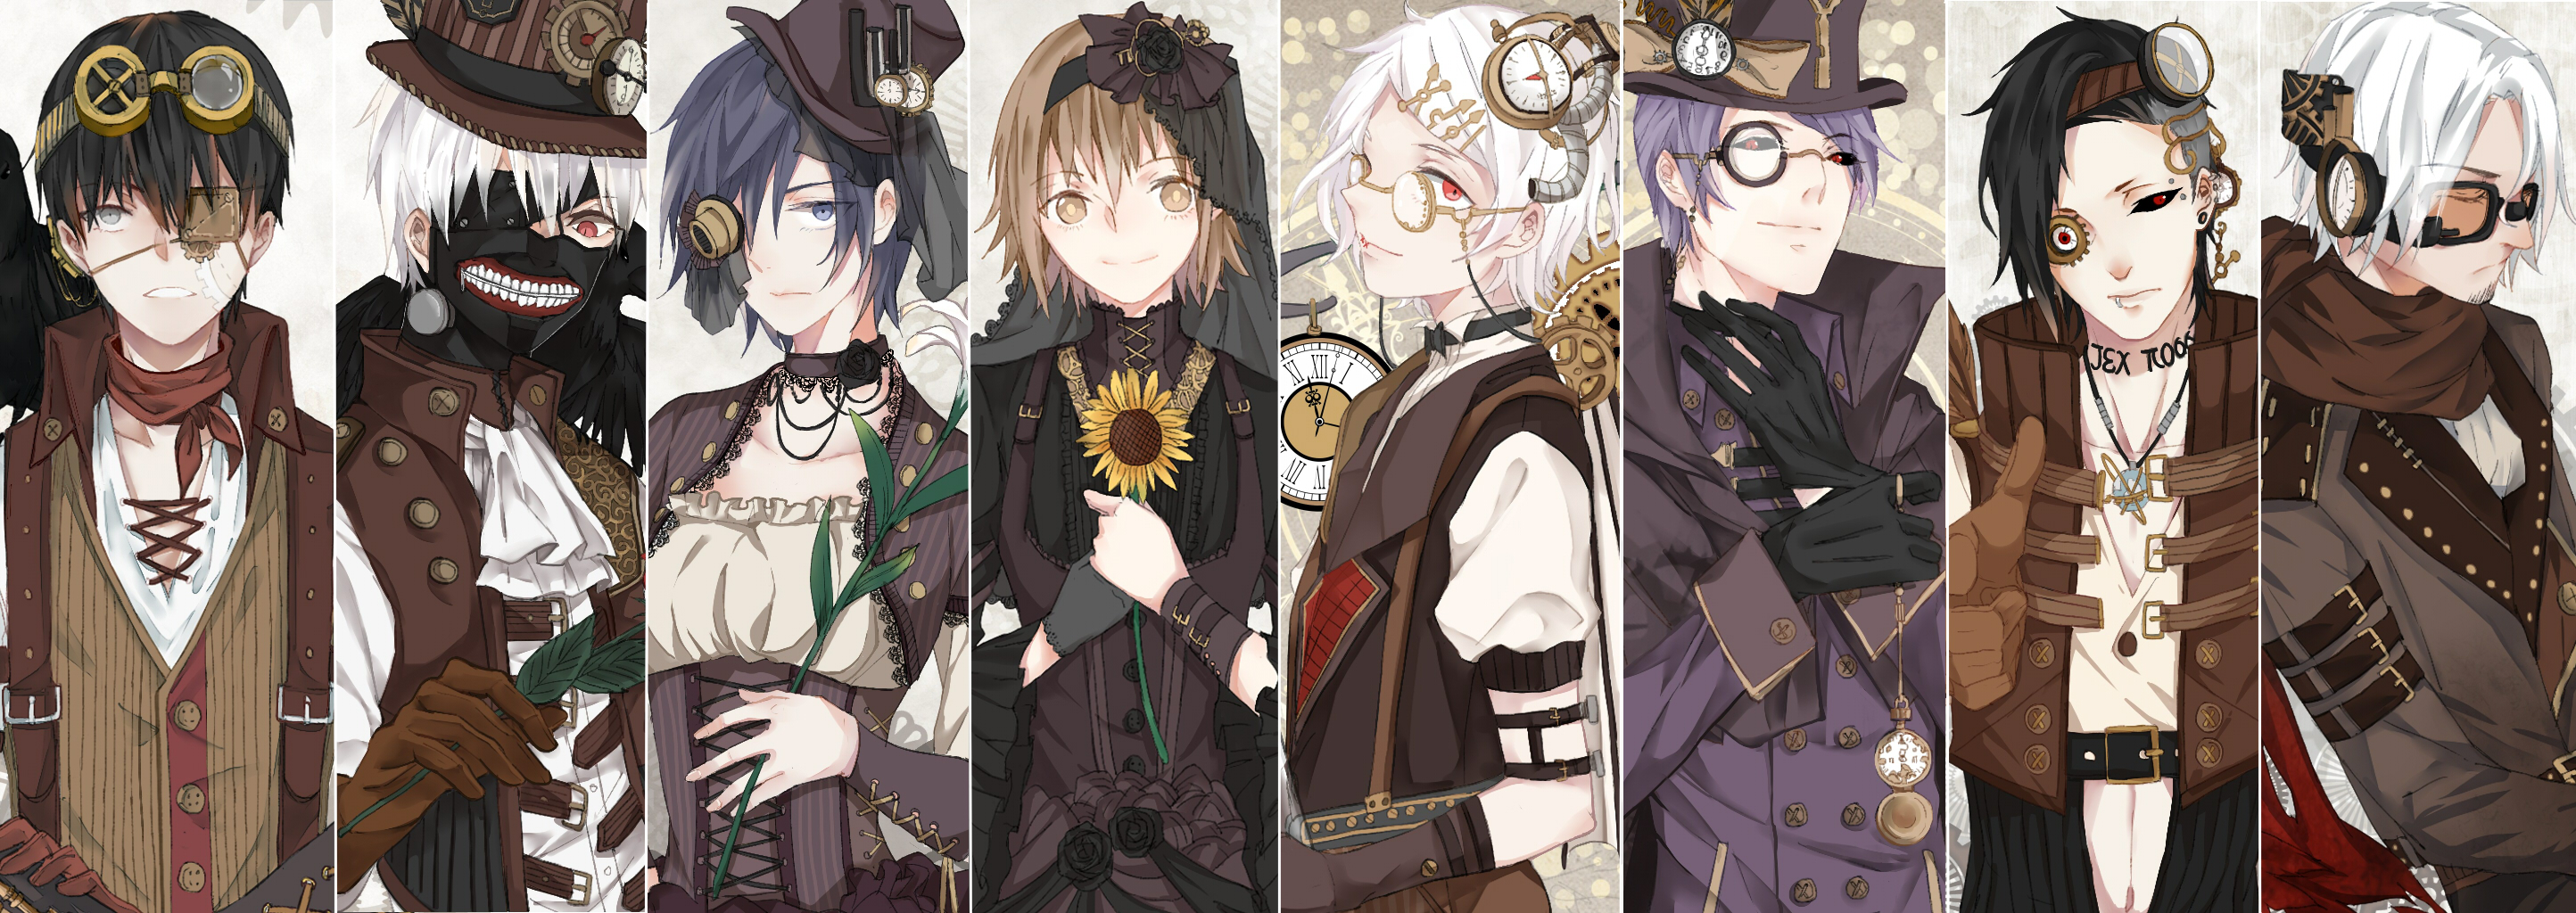 Yomo Renji - Tokyo Ghoul - Zerochan Anime Image Board